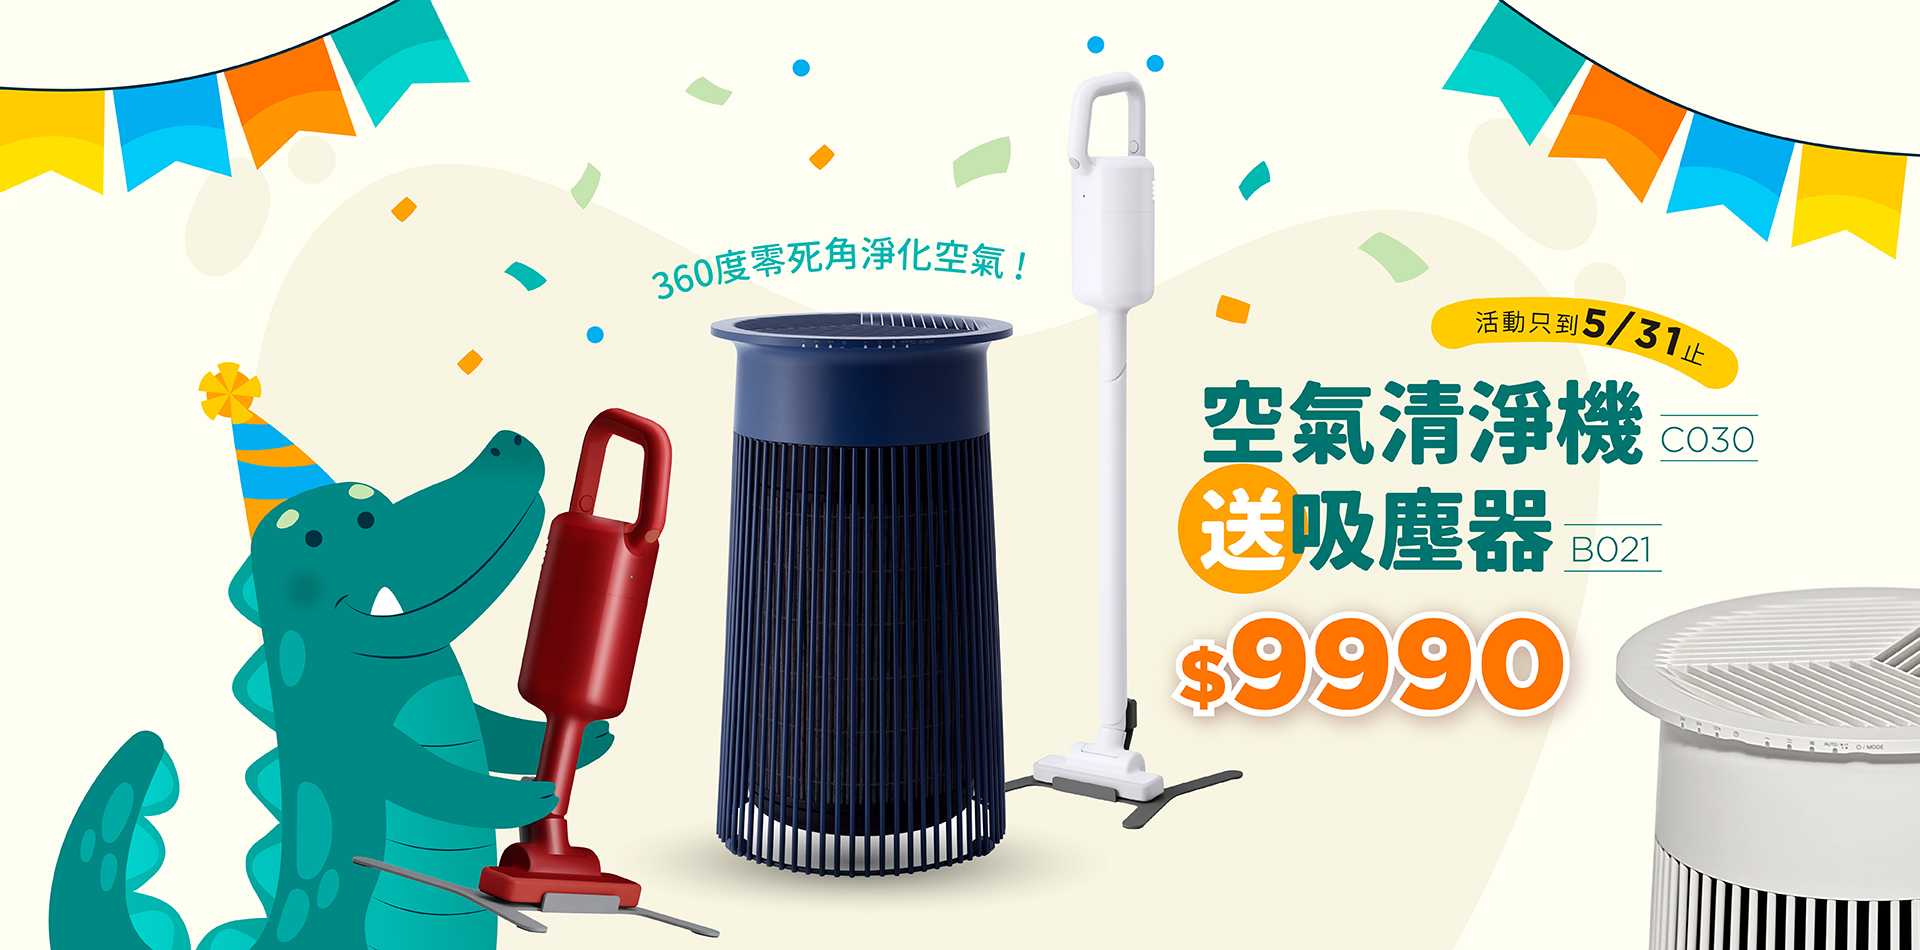 官網獨家|本月限定▸C030清淨機送XJC-B021吸塵器